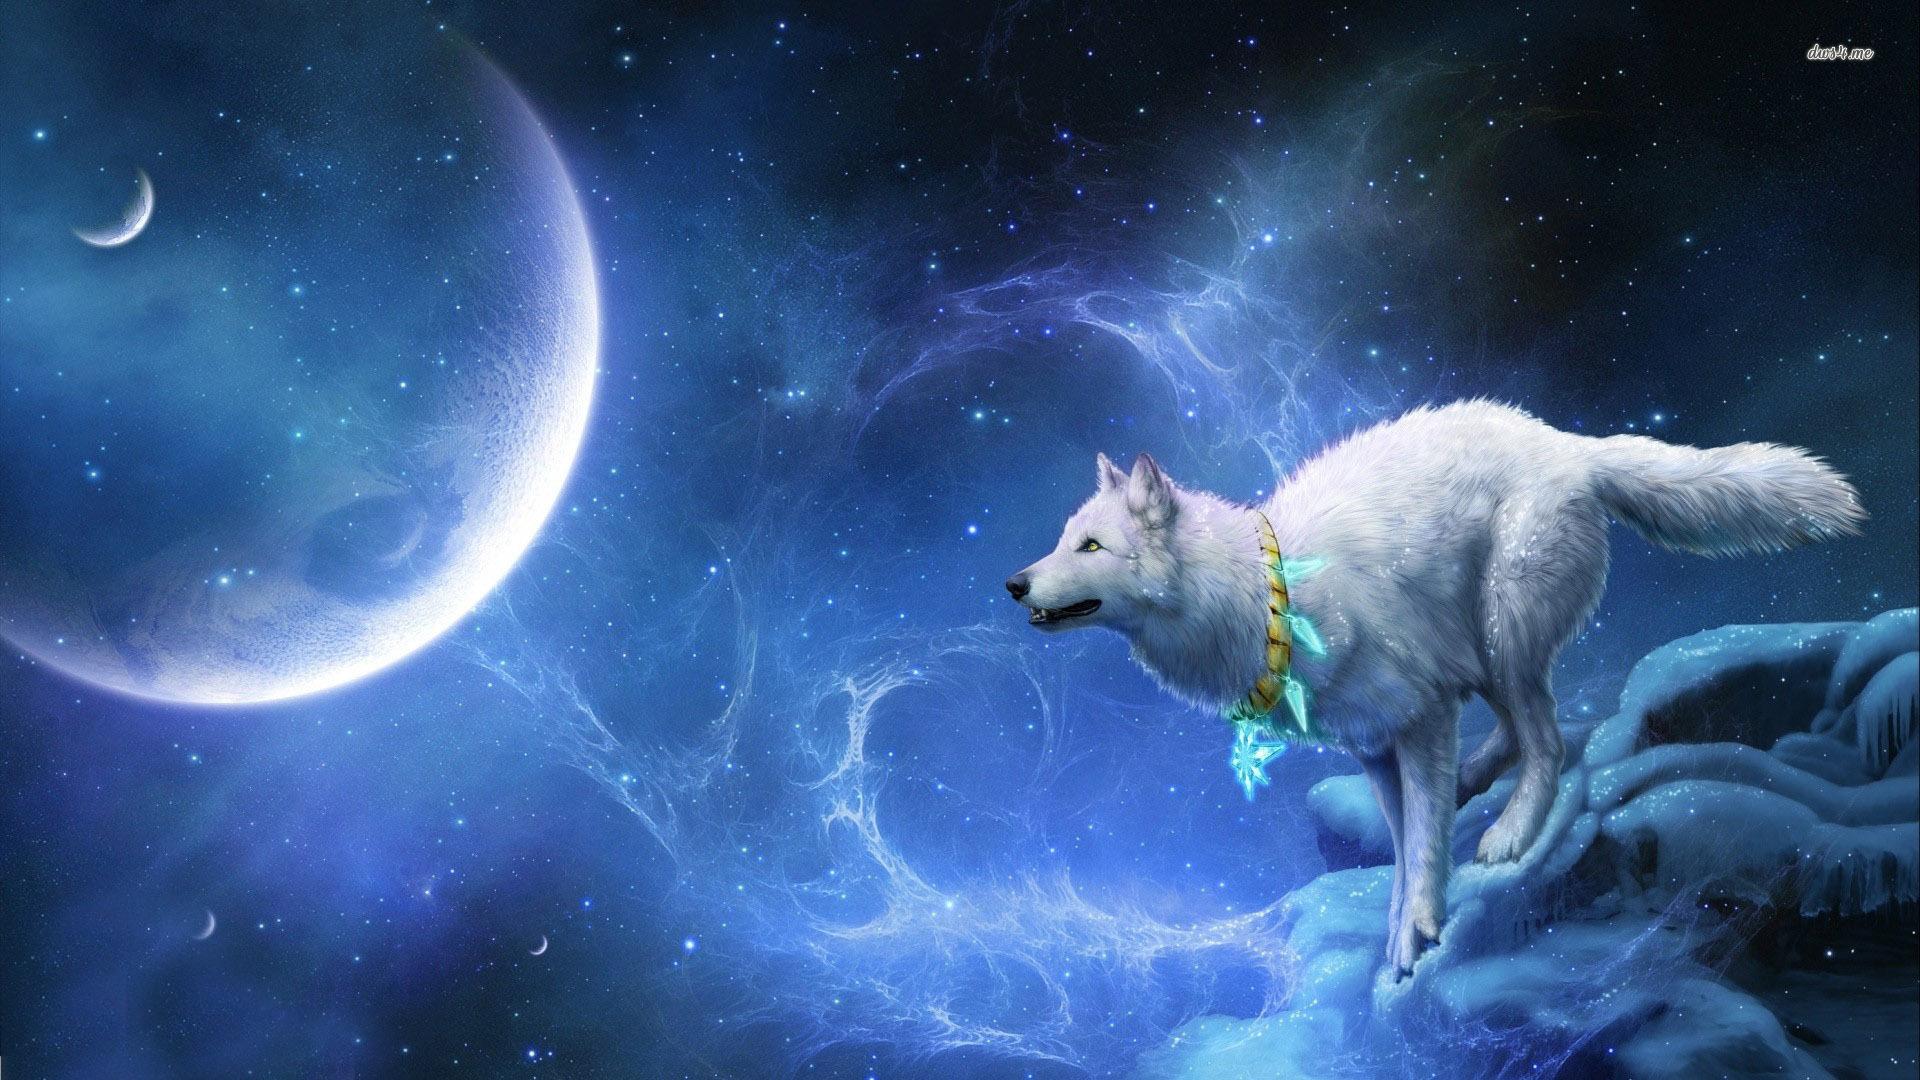 13825 Wolf In Space 1920x1080 Digital Art Wallpaper